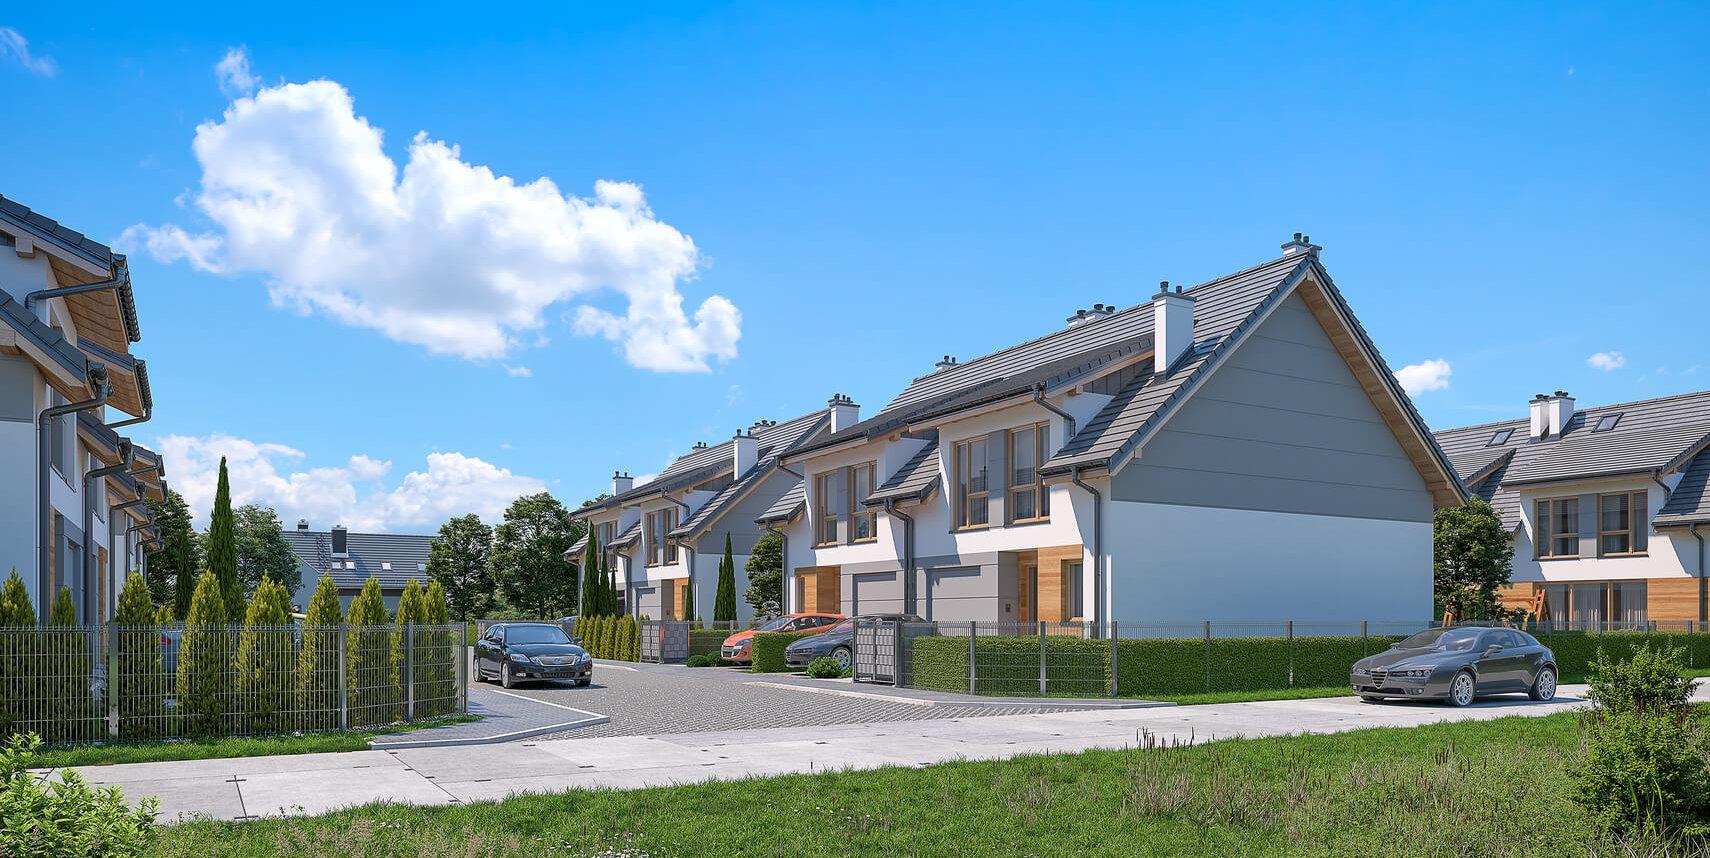 Wizualizacja domu - widok z ulicy